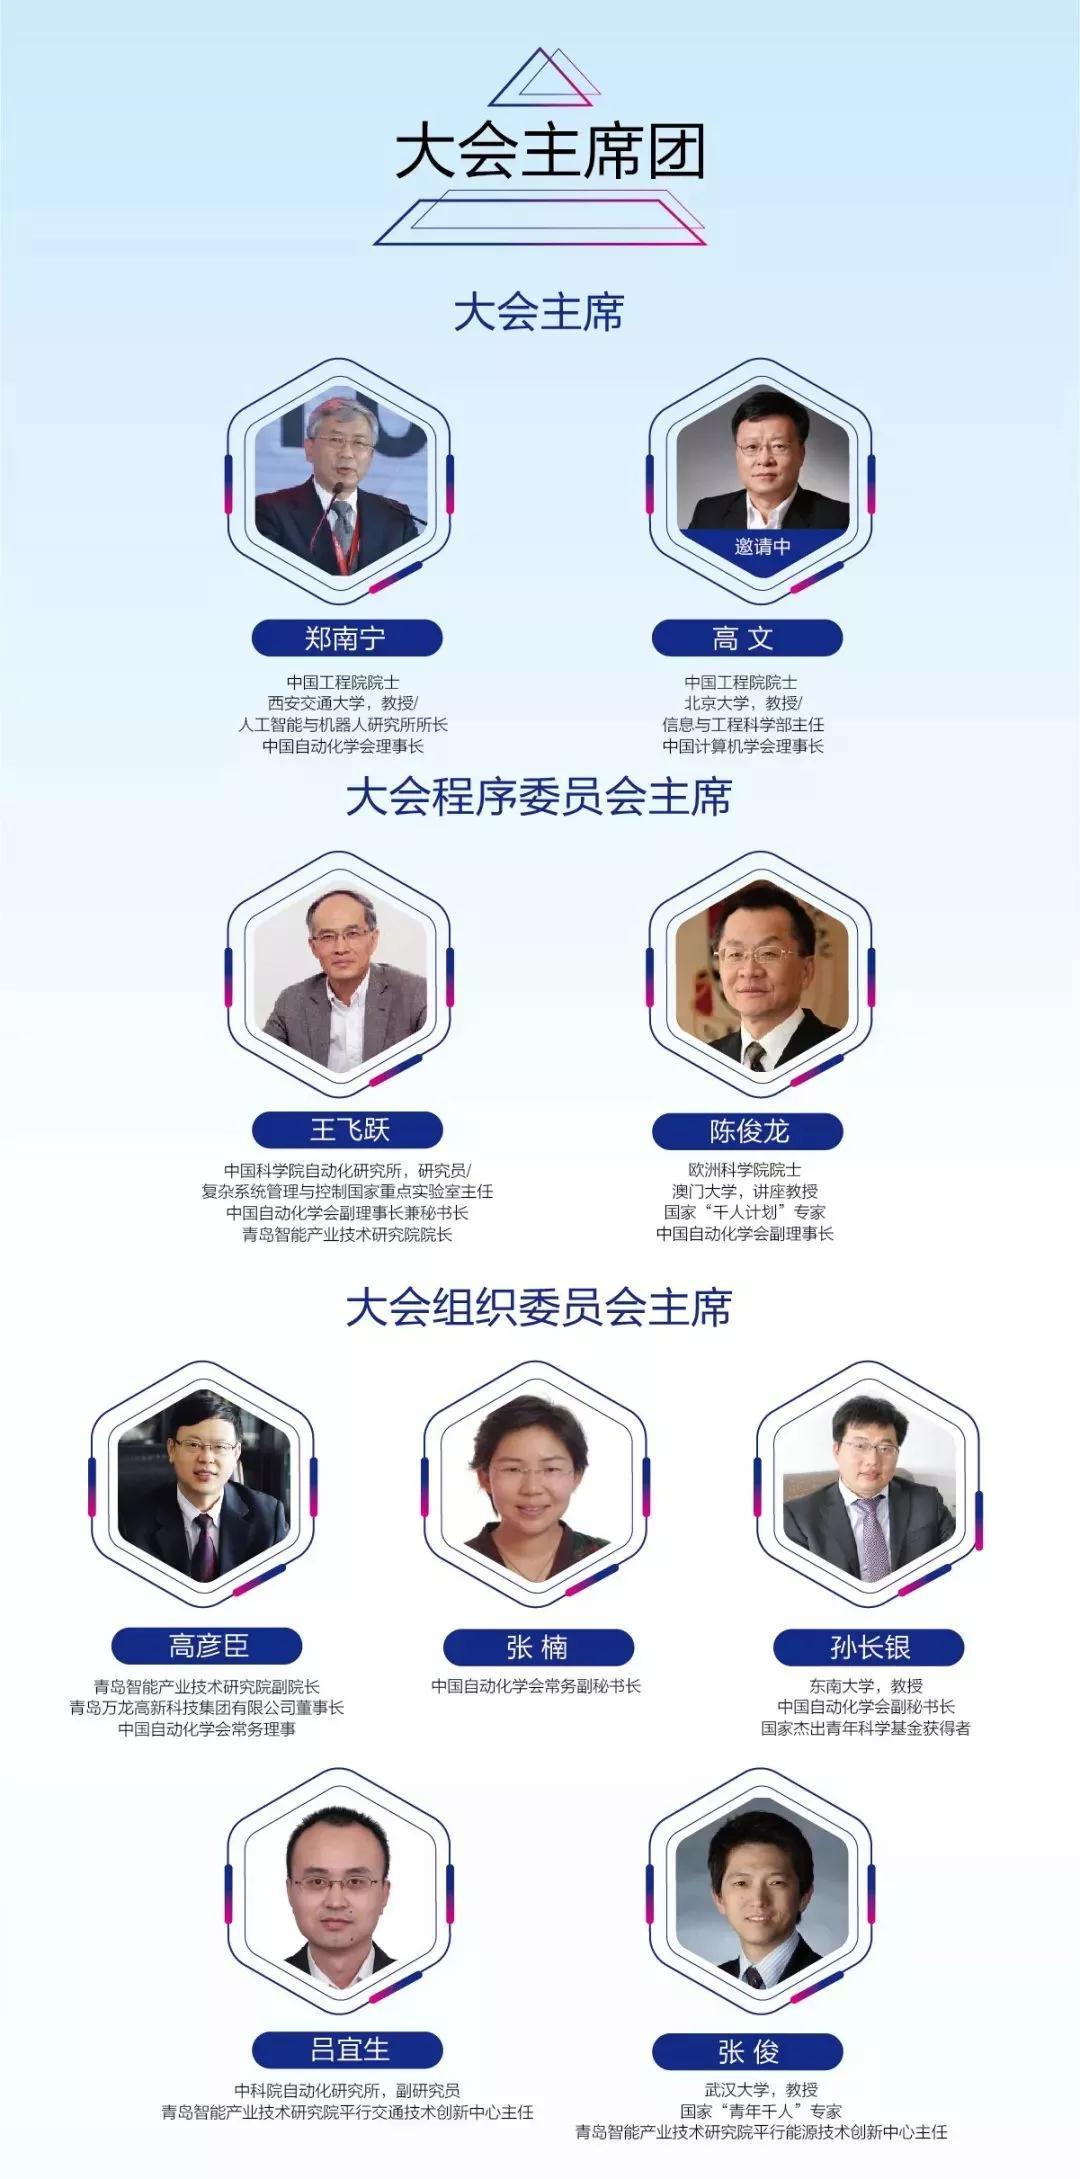 八大领域的技术创新,行业应用和社会资本等多个维度,交流智能产业发展